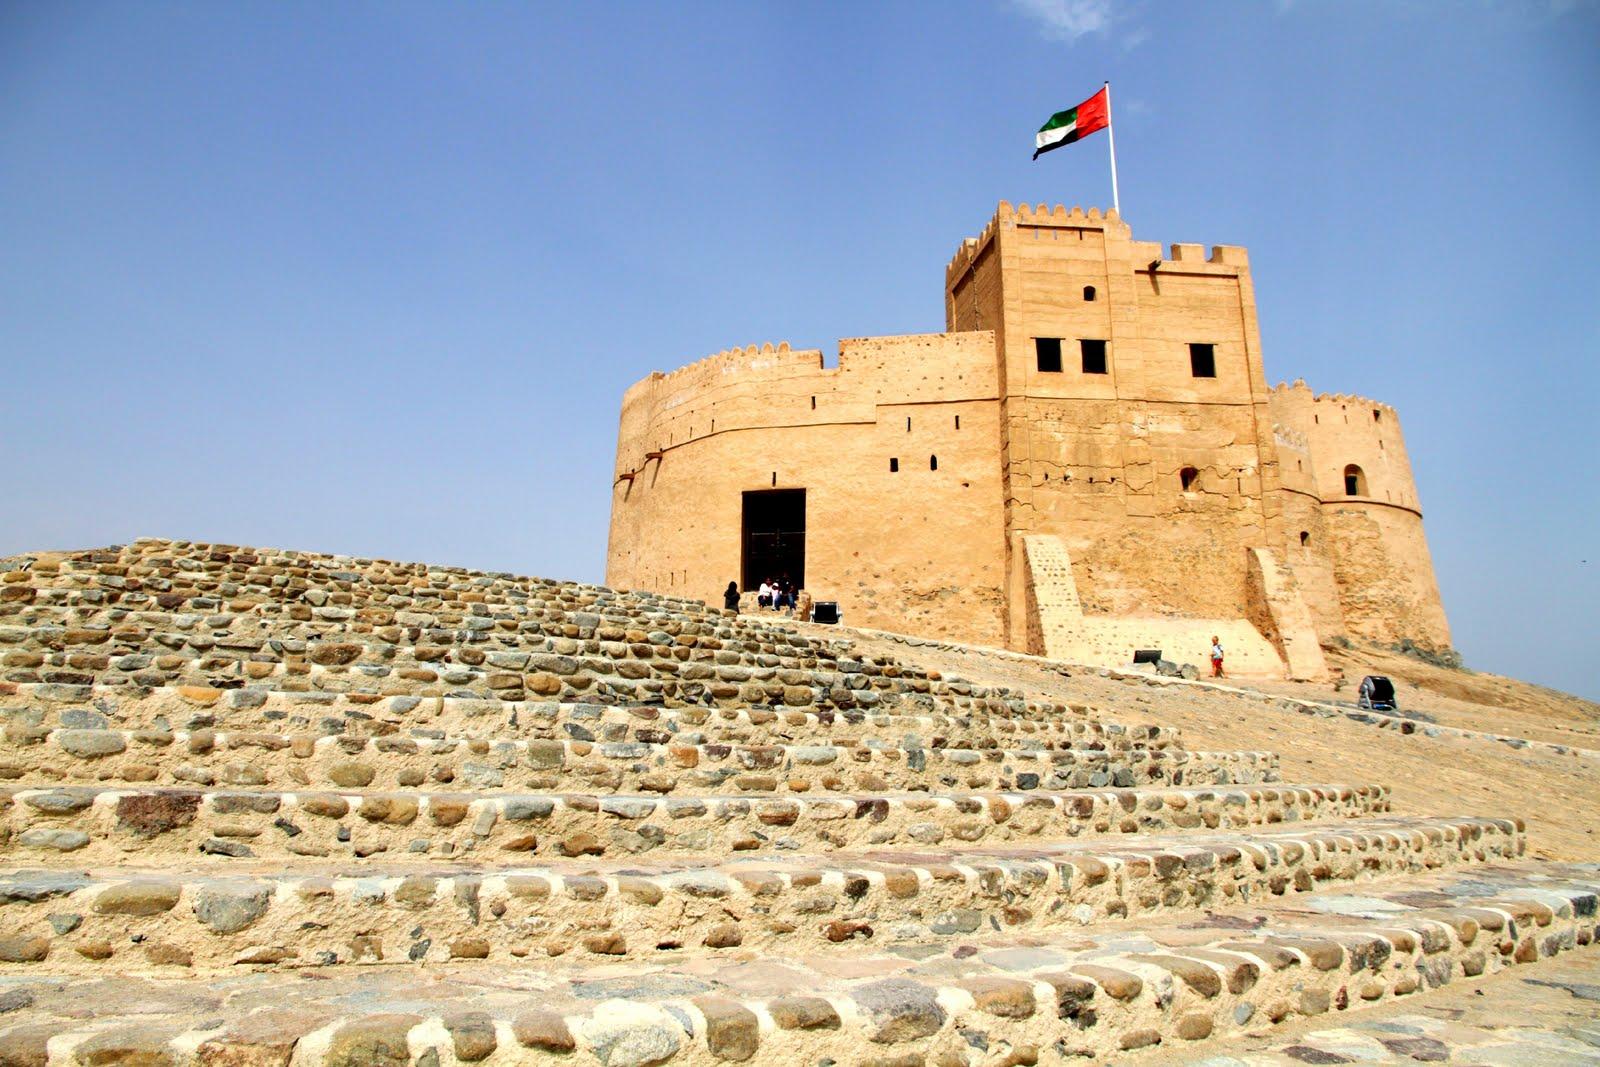 أفضل 5 أنشطة في متحف الفجيرة الاماراتأفضل 5 أنشطة في متحف الفجيرة الامارات